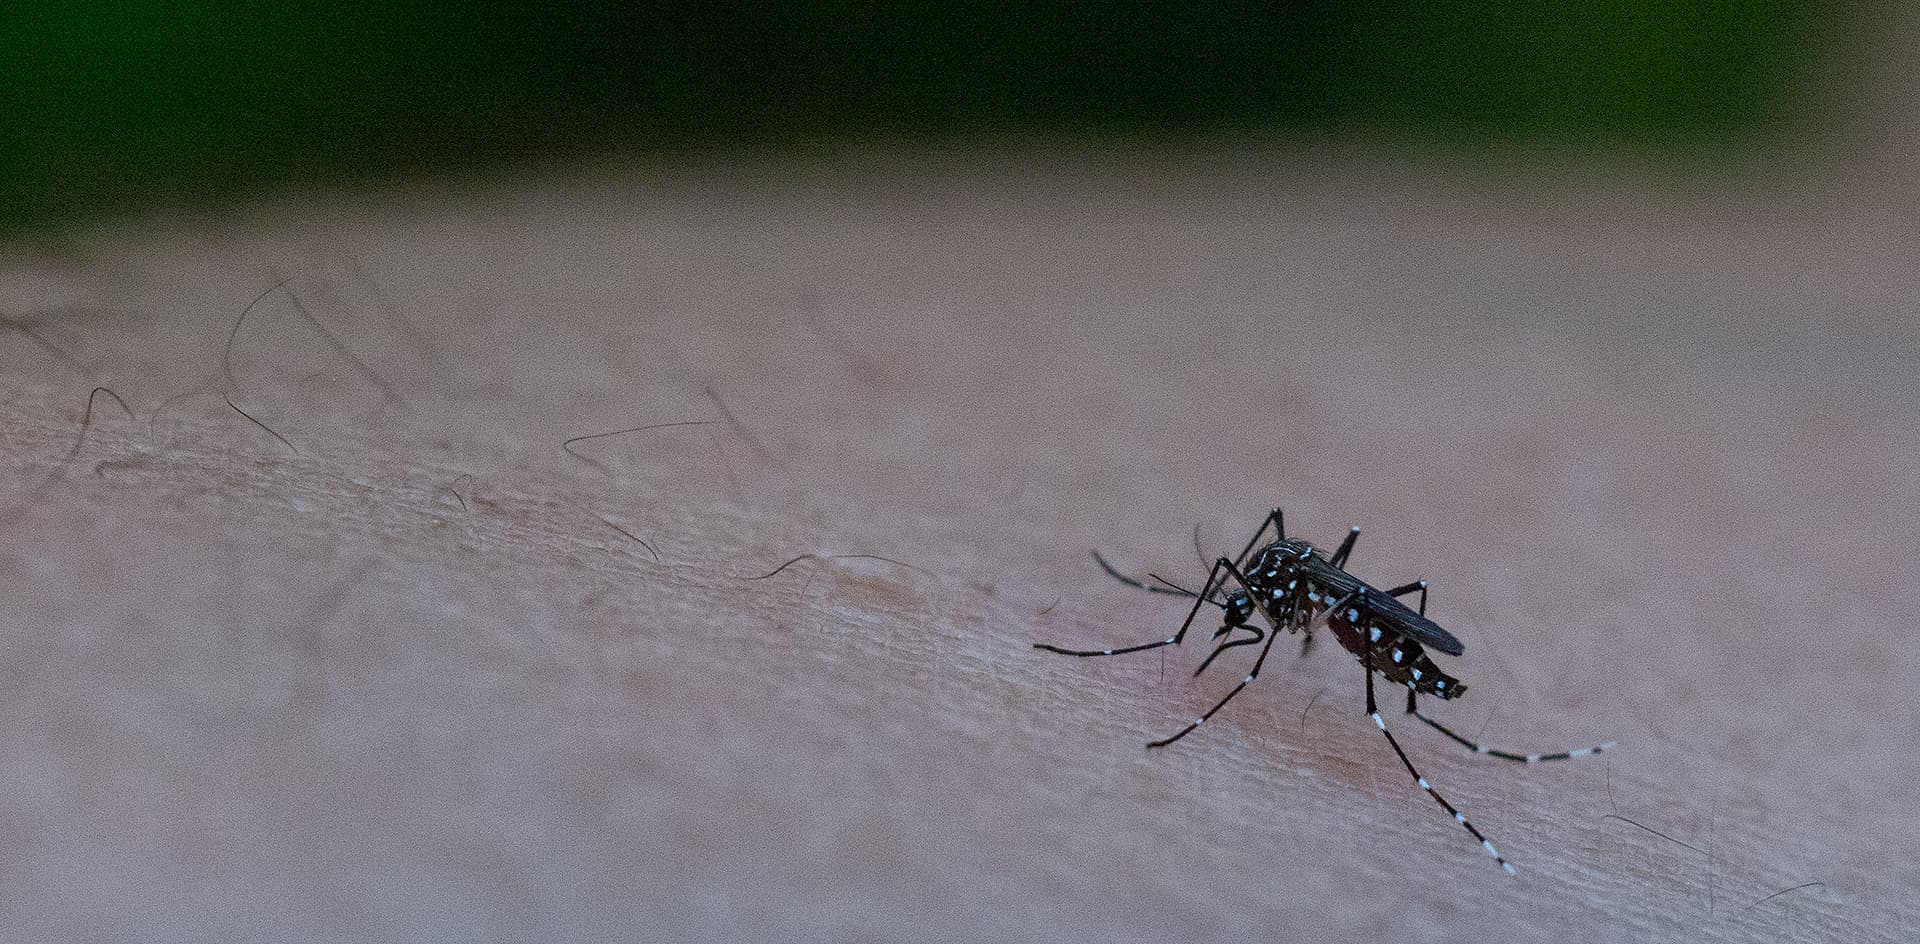 En nueve años, casi se triplicó el número de viviendas con mosquitos transmisores del dengue